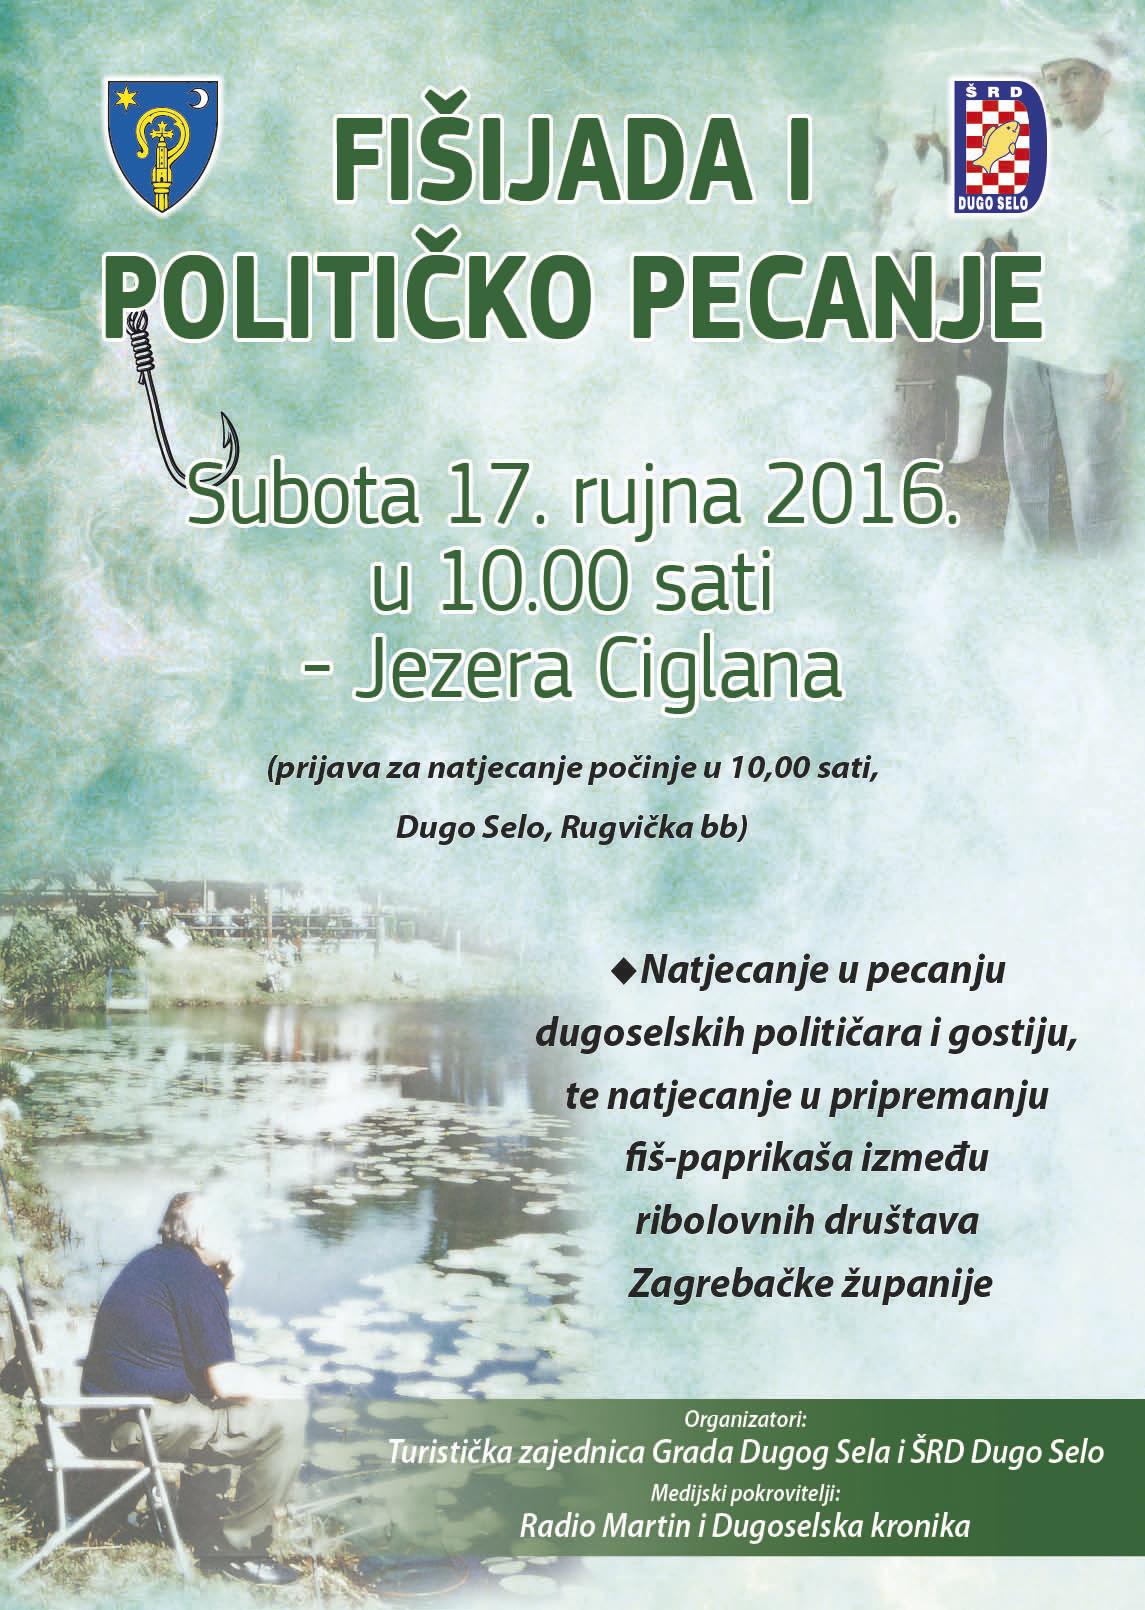 fisijada-i-politicko-pecanje-web